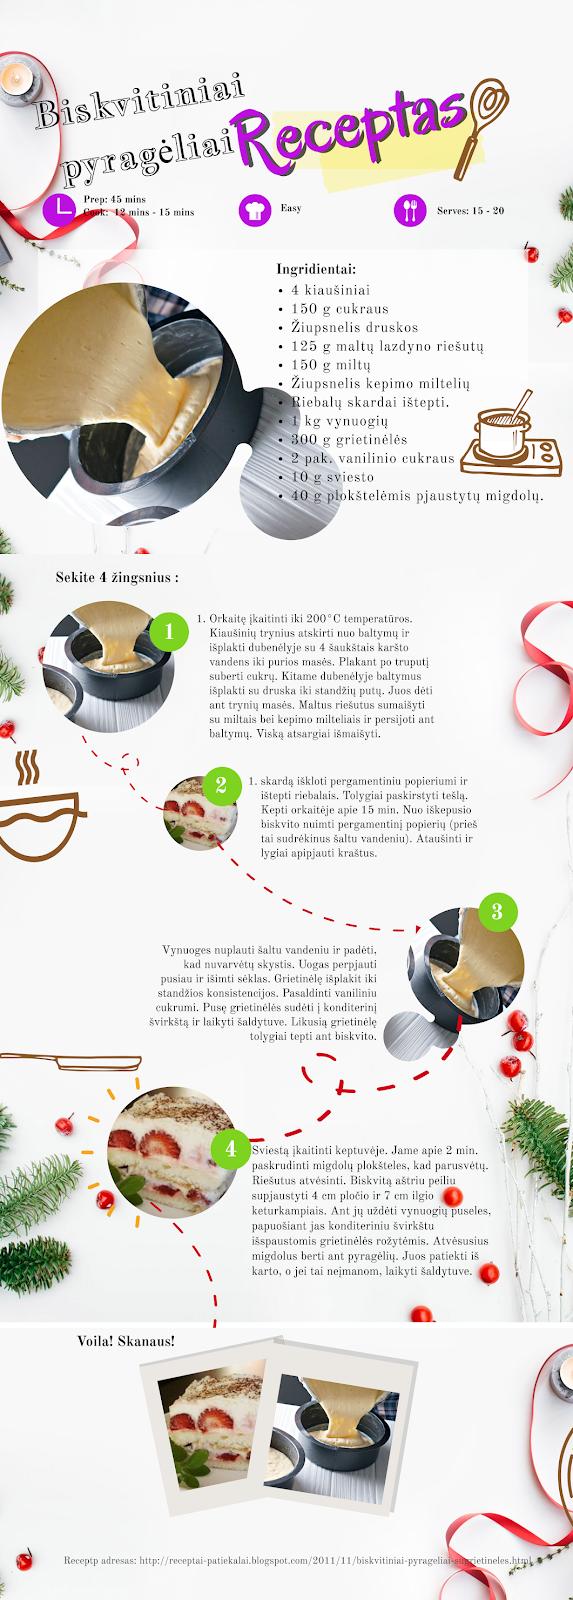 biskvitiniu pyrageliu receptas